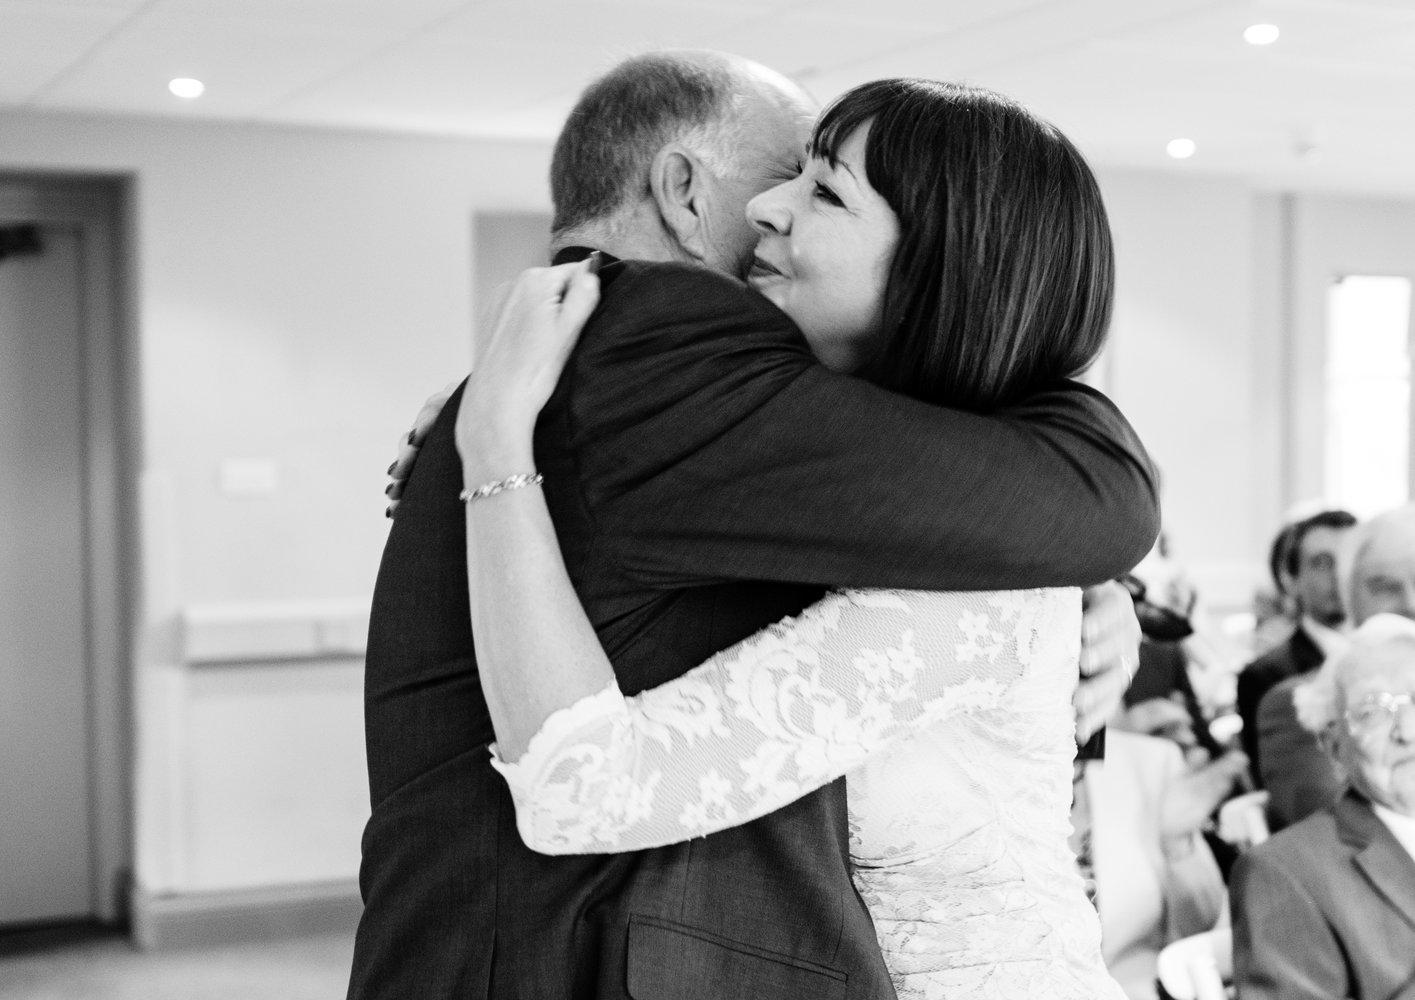 Sun Pavilion Harrogate Wedding Photographer – Testimonial